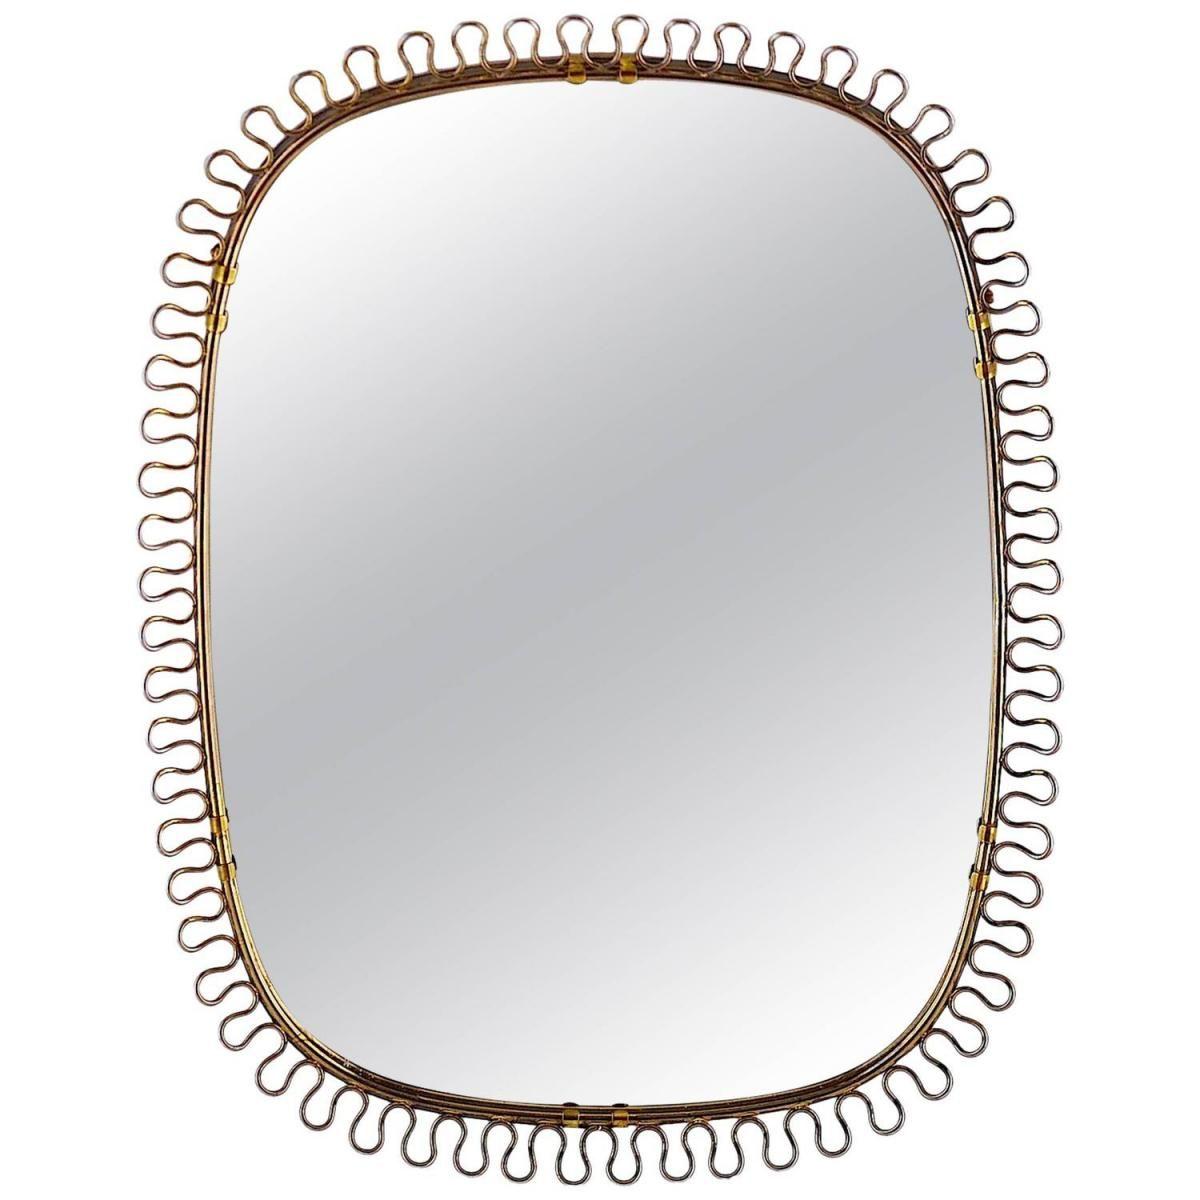 messing spiegel   designer möbel   messing beistelltisch ... - Spiegel Modern